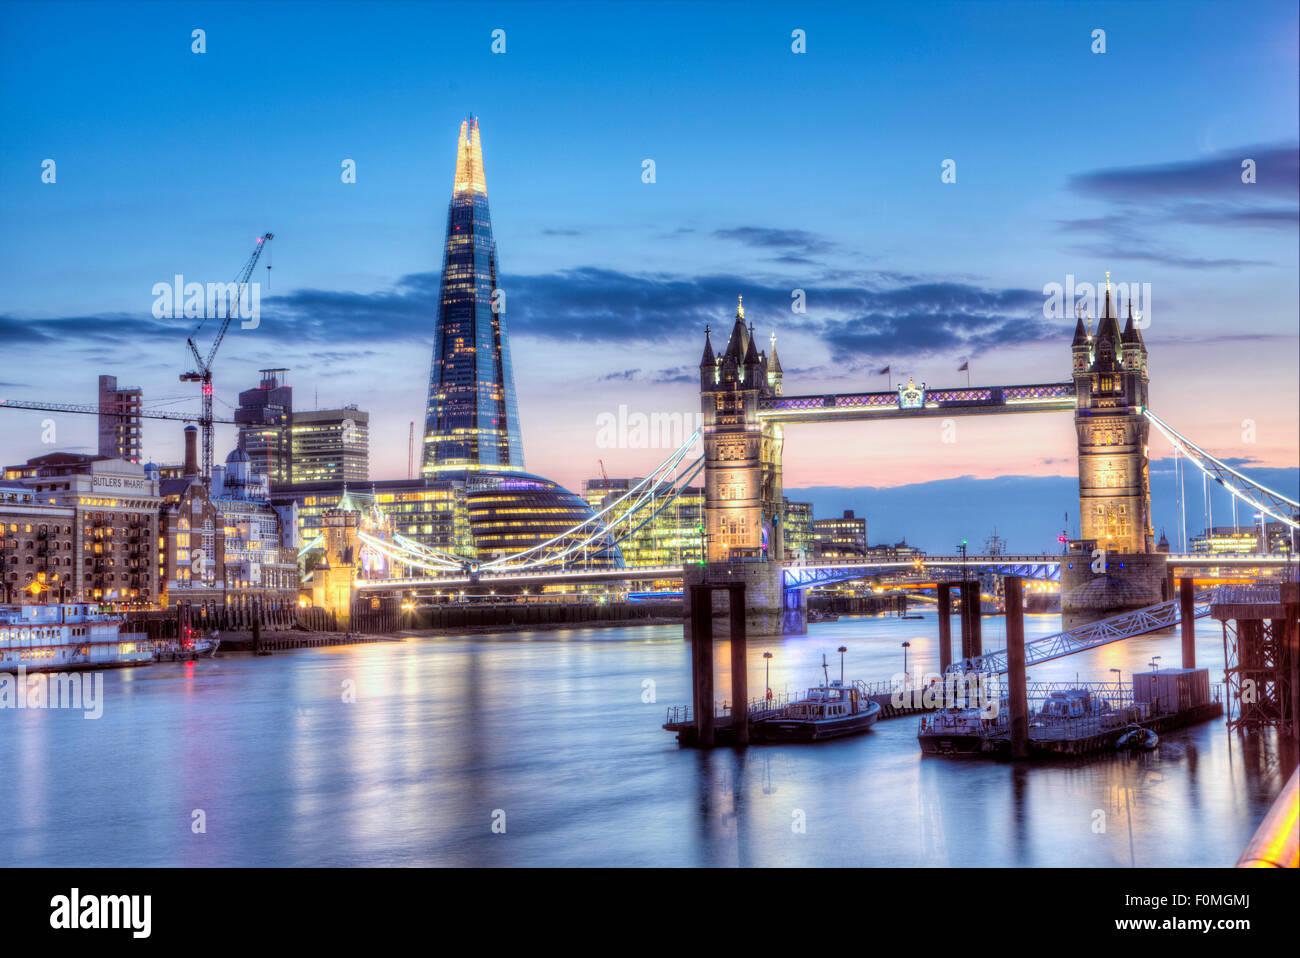 El Tower Bridge, el Shard ad el barrio de Southwark/Bermondsey en Londres en una noche de verano Imagen De Stock